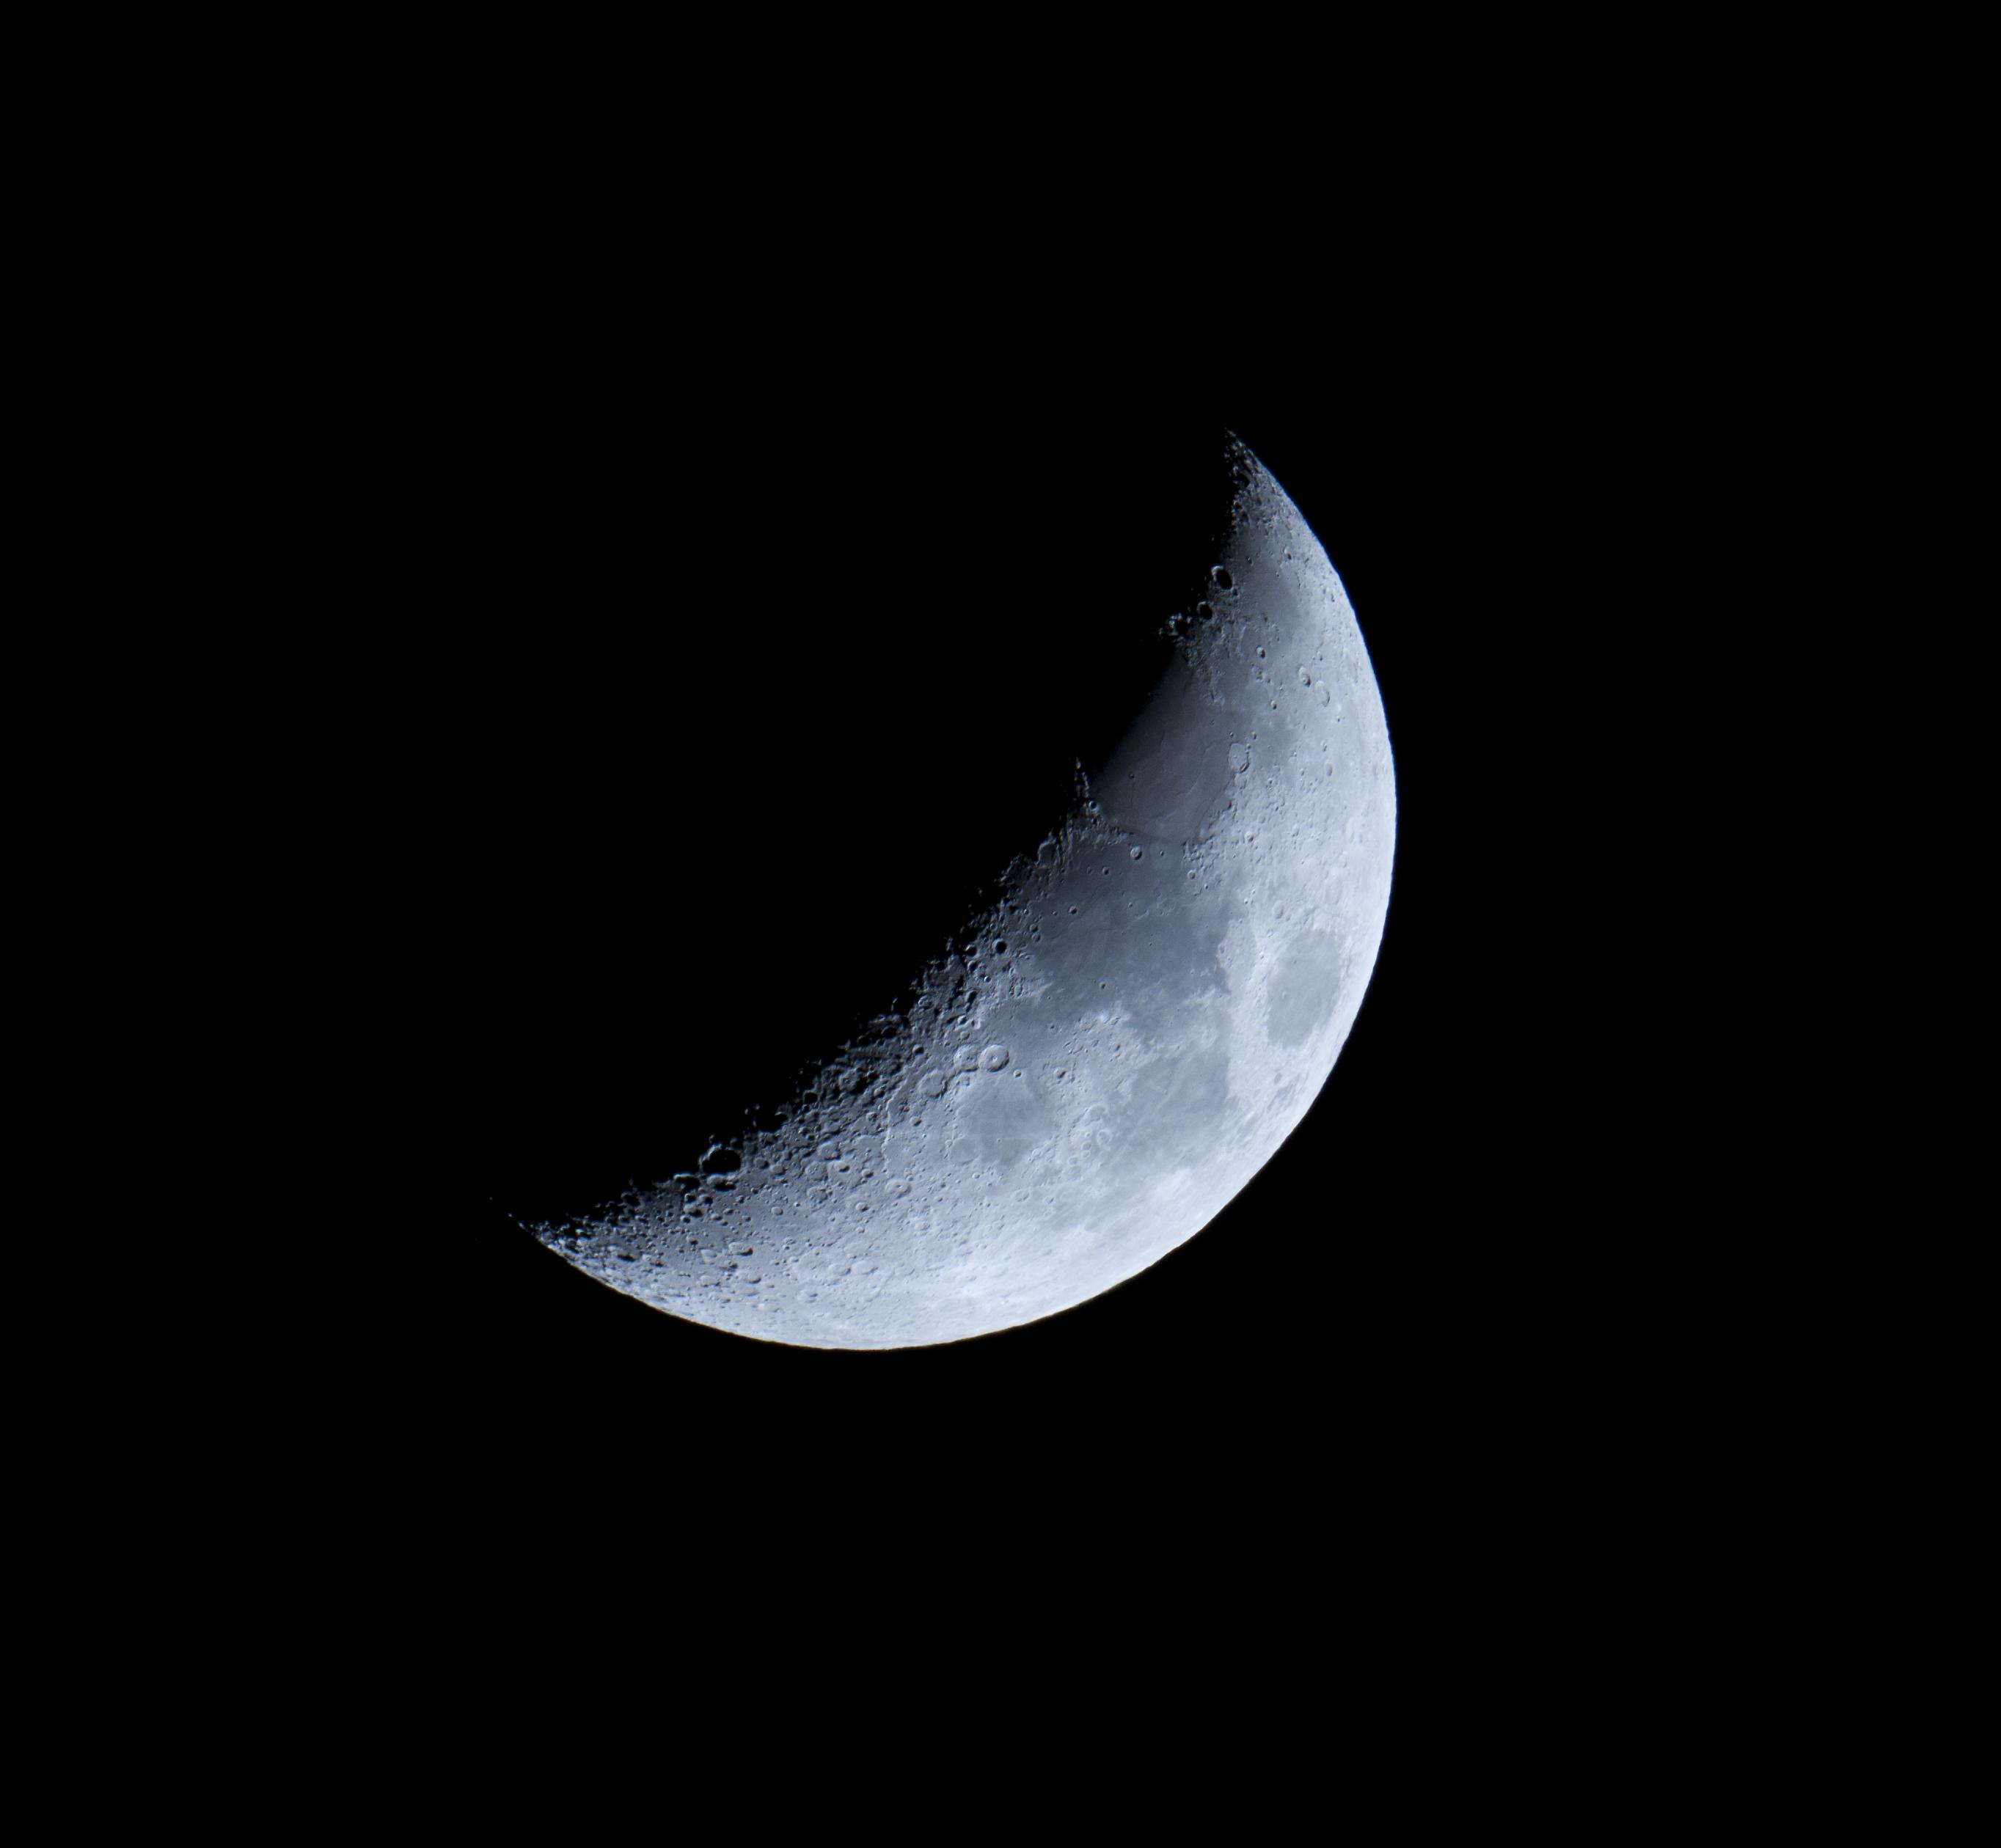 luna-10-maggio-2019-1.jpg